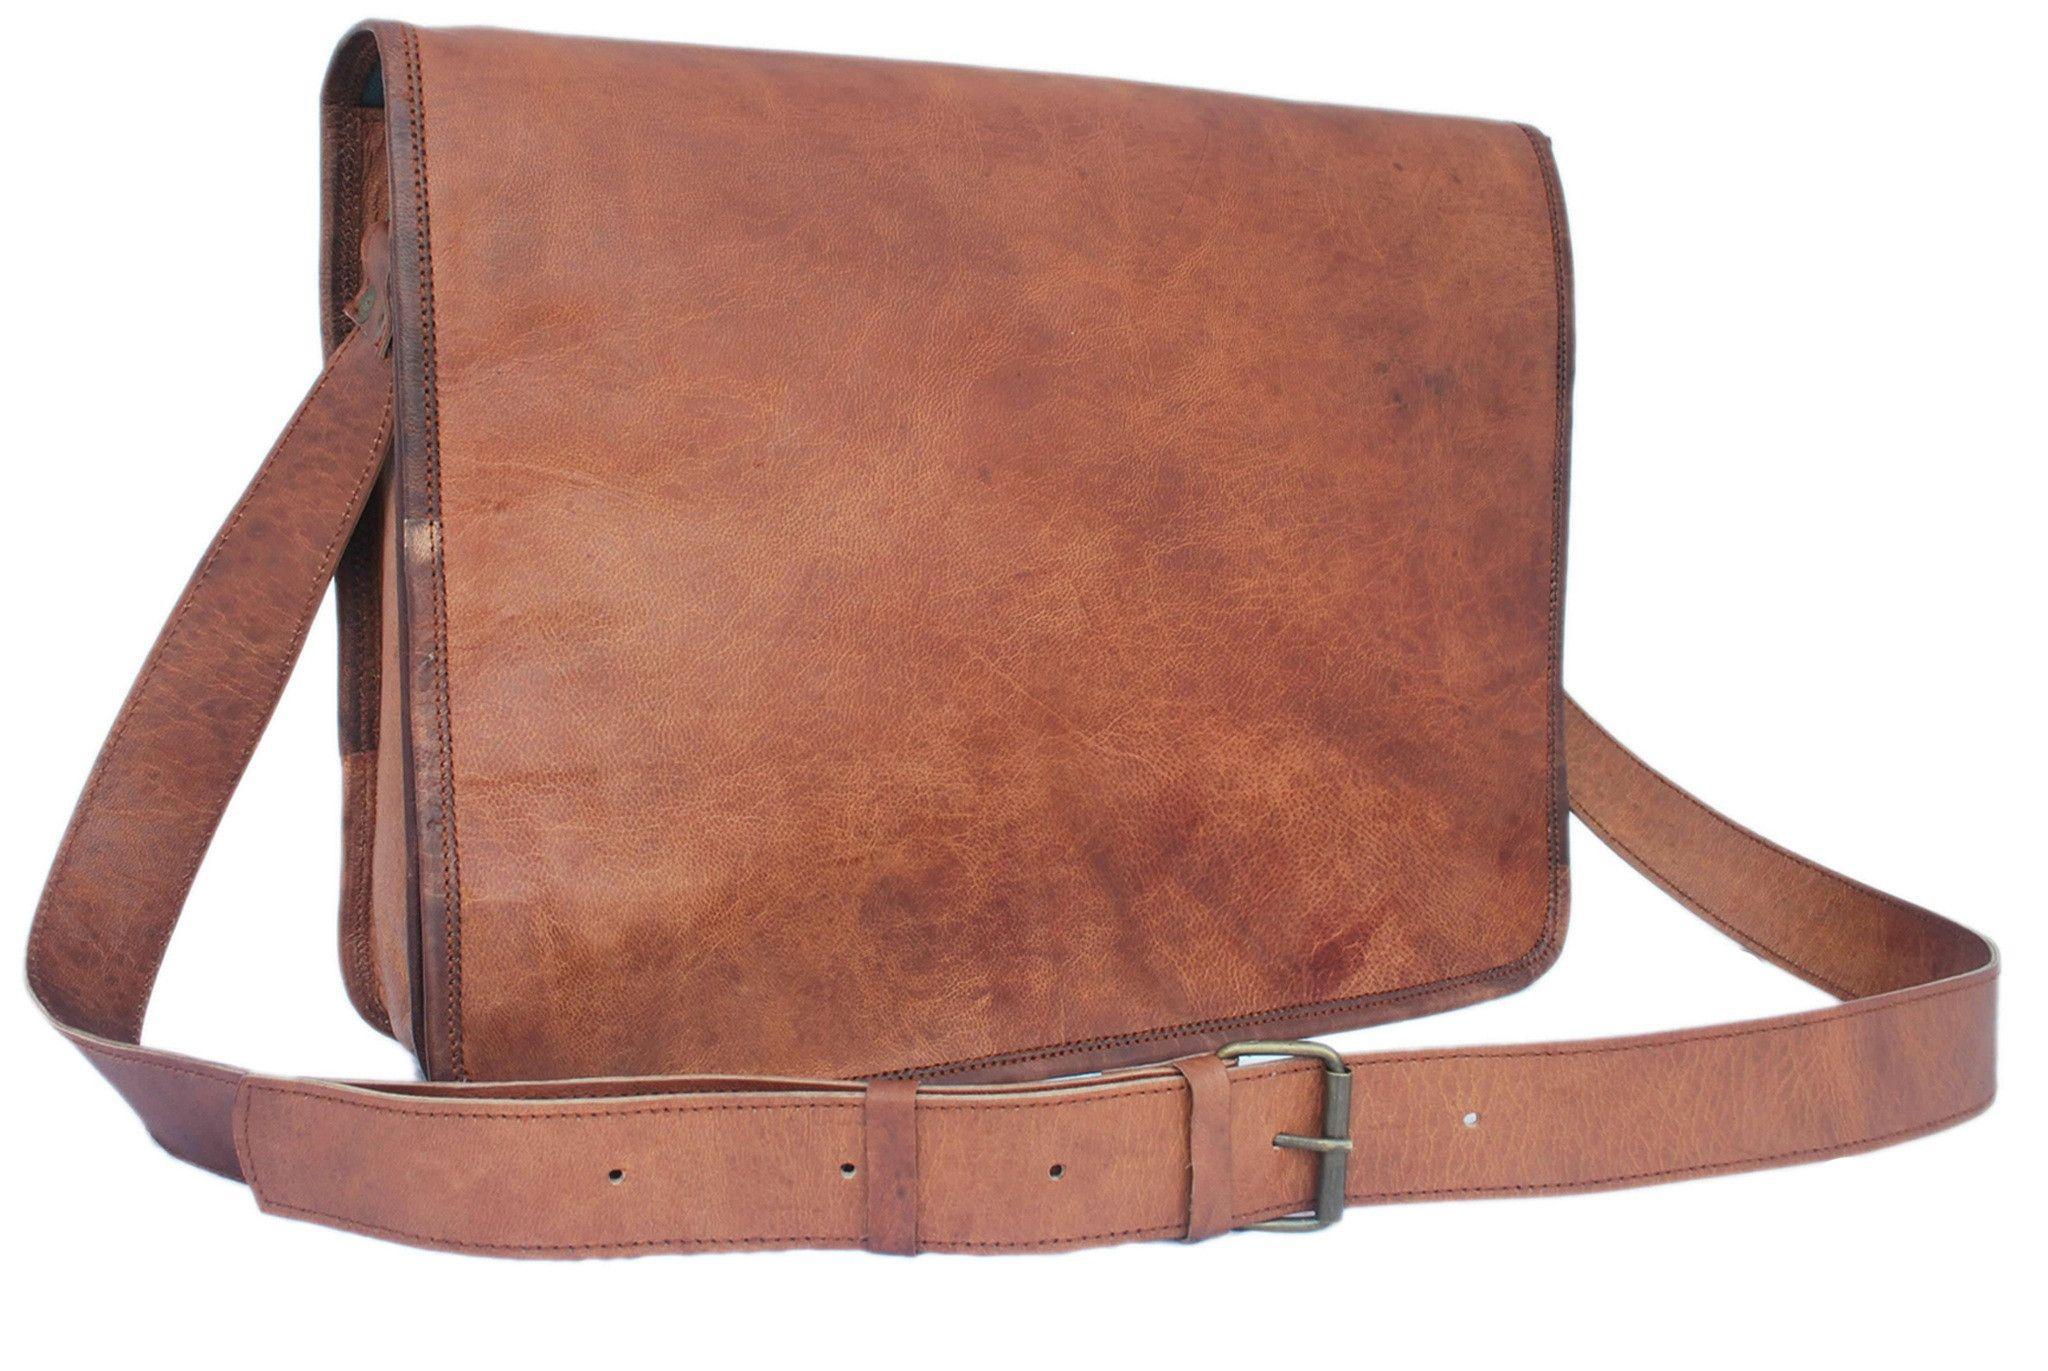 Vintage Brown Leather Messenger Bag 15